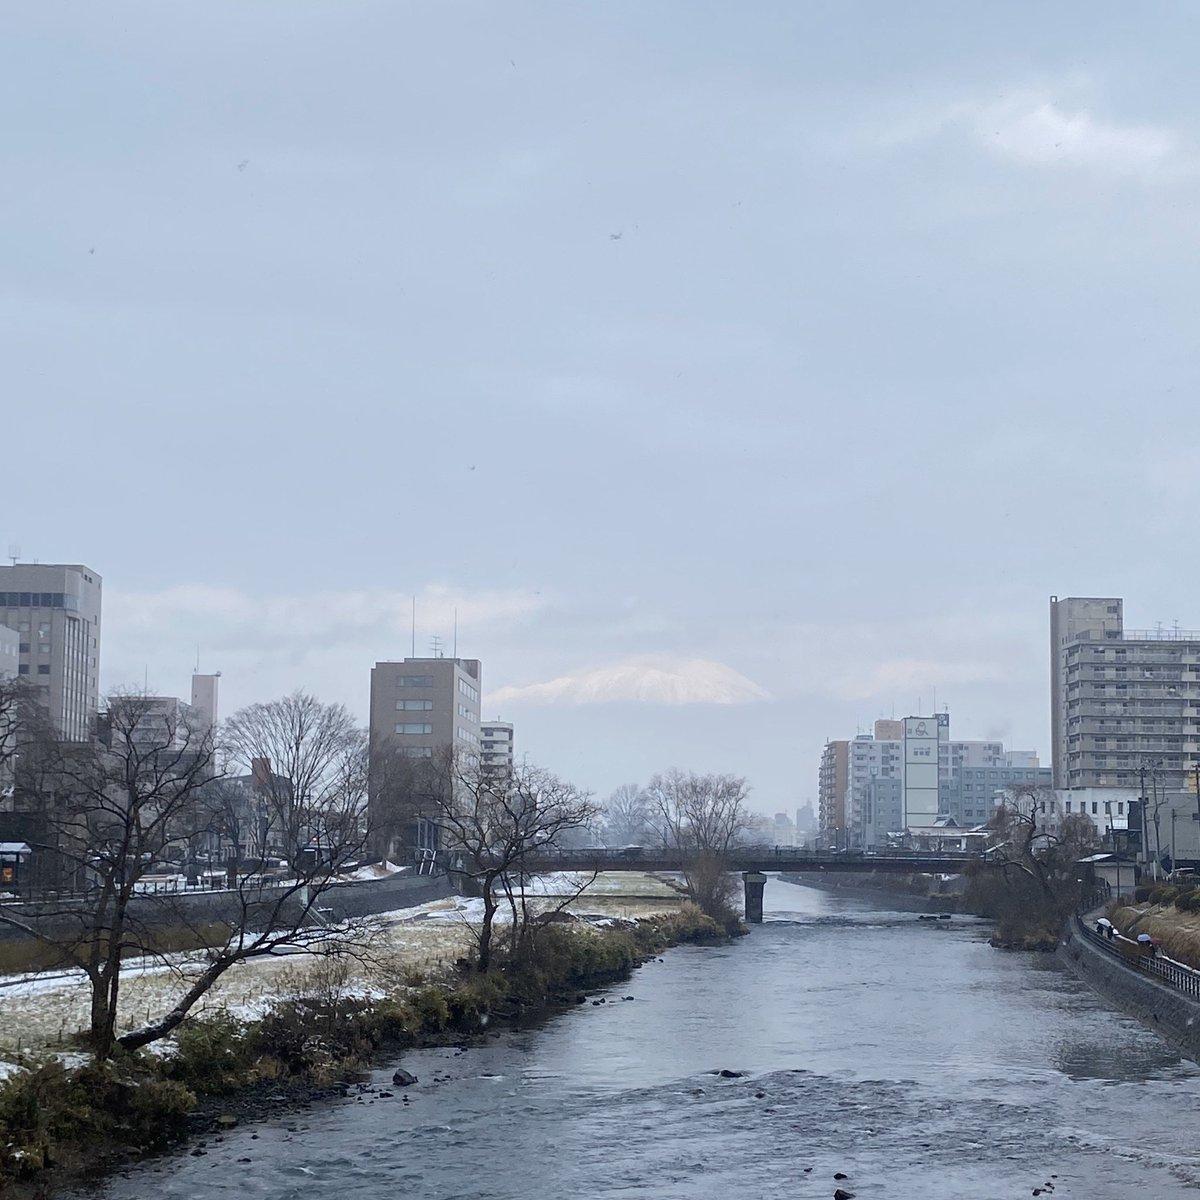 2019/12/23 盛岡市の開運橋から撮影。みなさま、体調管理に気をつけてお過ごしください。 #岩手 #盛岡 #北上川 #岩手においでよ